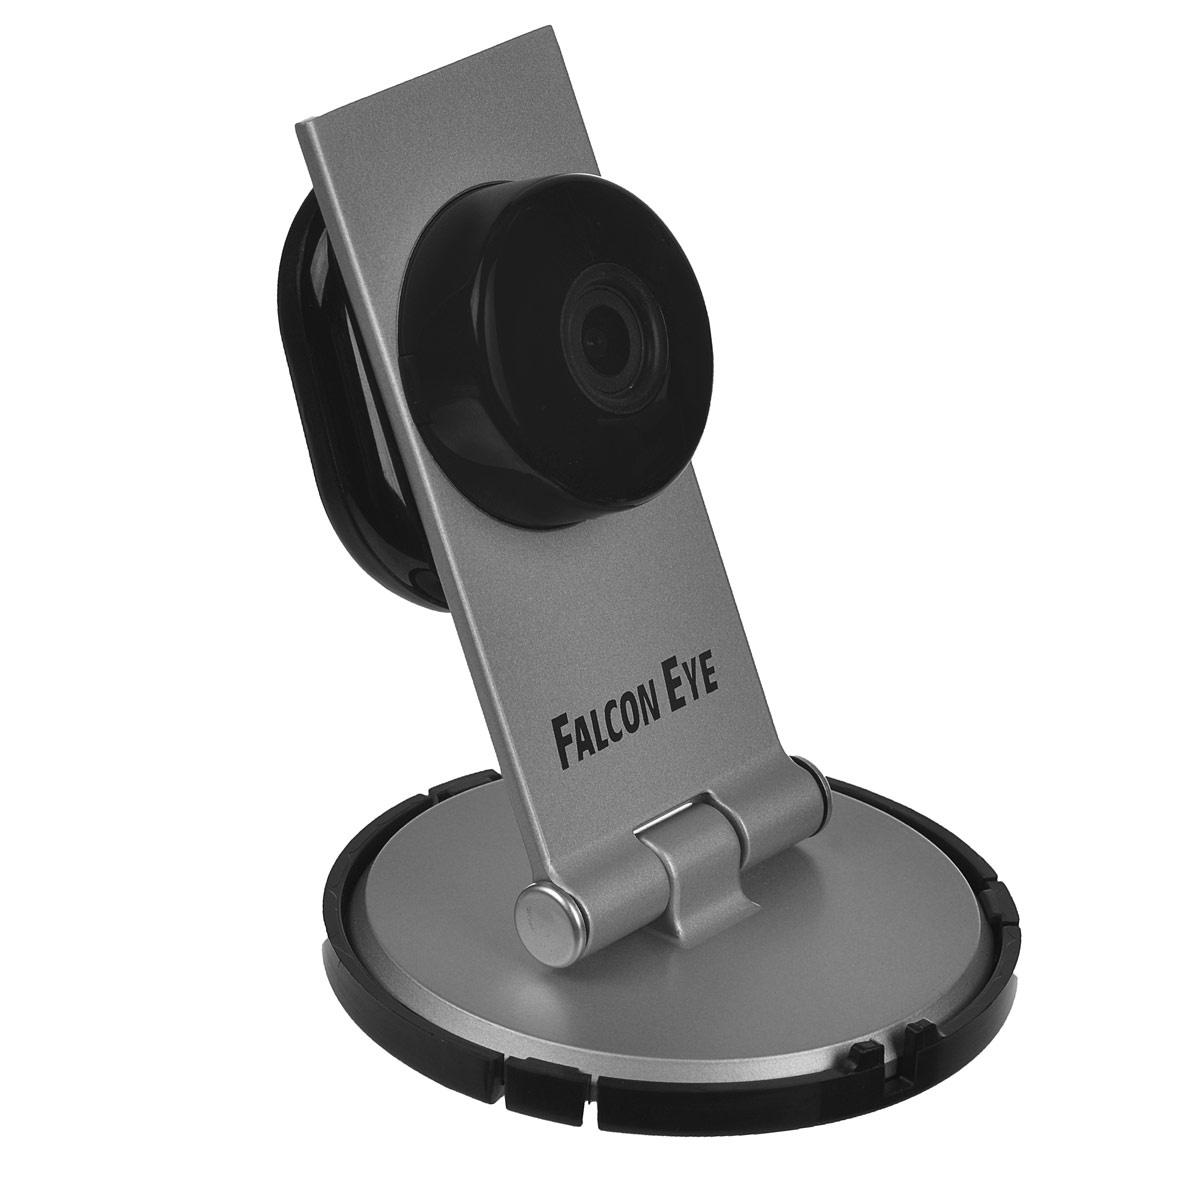 Falcon Eye FE-ITR1300 беcпроводная IP-камера #1